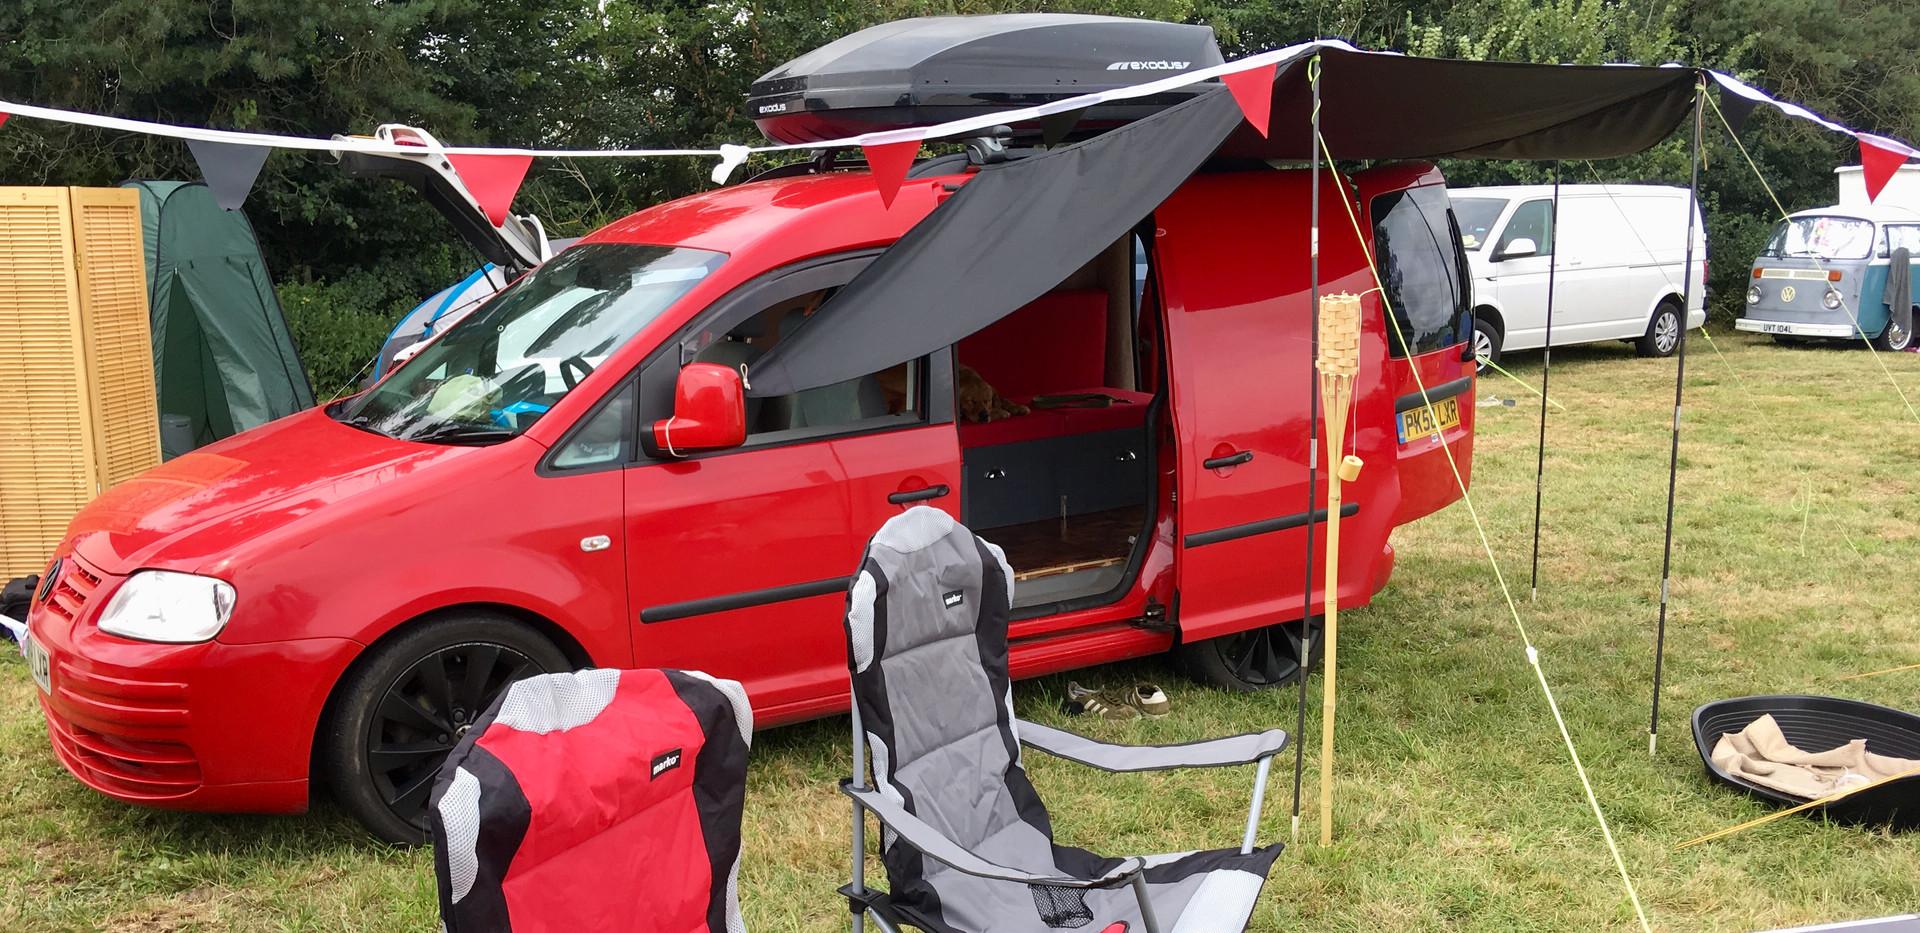 RED2 FESTIVAL SLIDESHOW